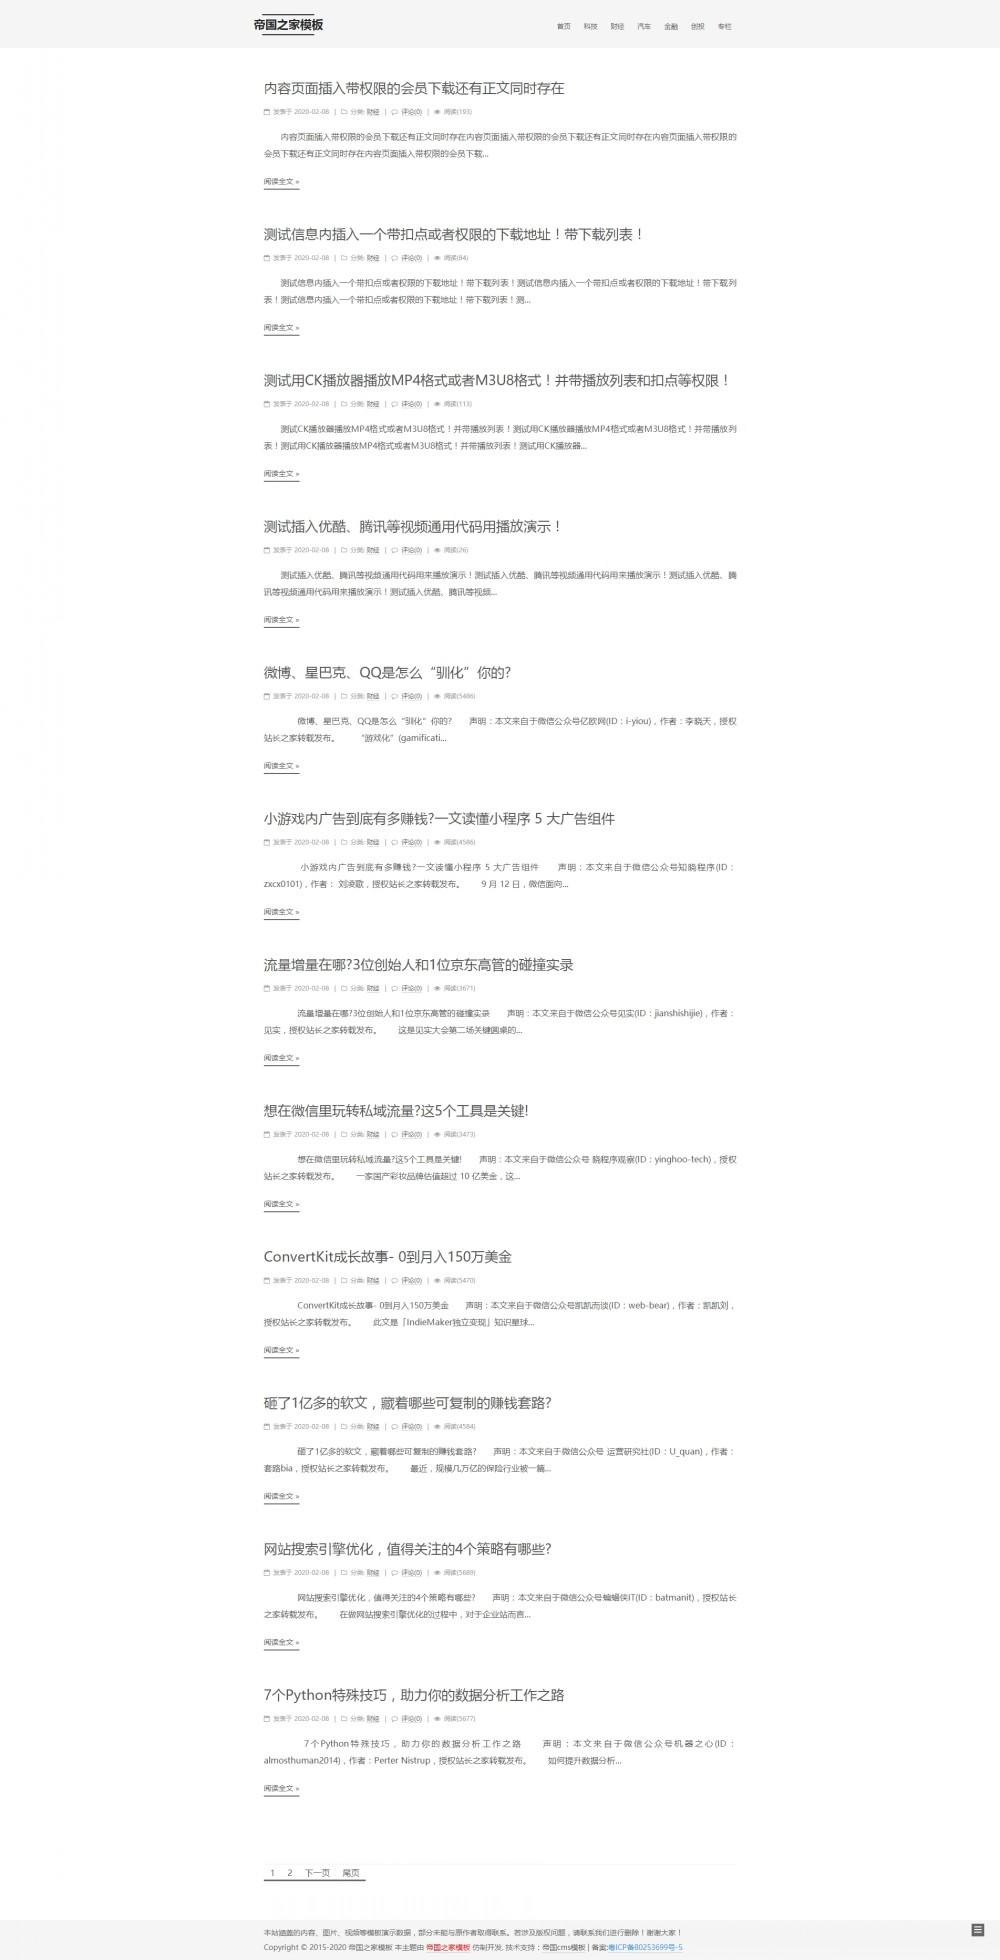 2新闻栏目页.jpg [DG-0242]响应式黑白单栏博客帝国cms模板 HTML5响应式个人网站模板下载 博客文章 第2张